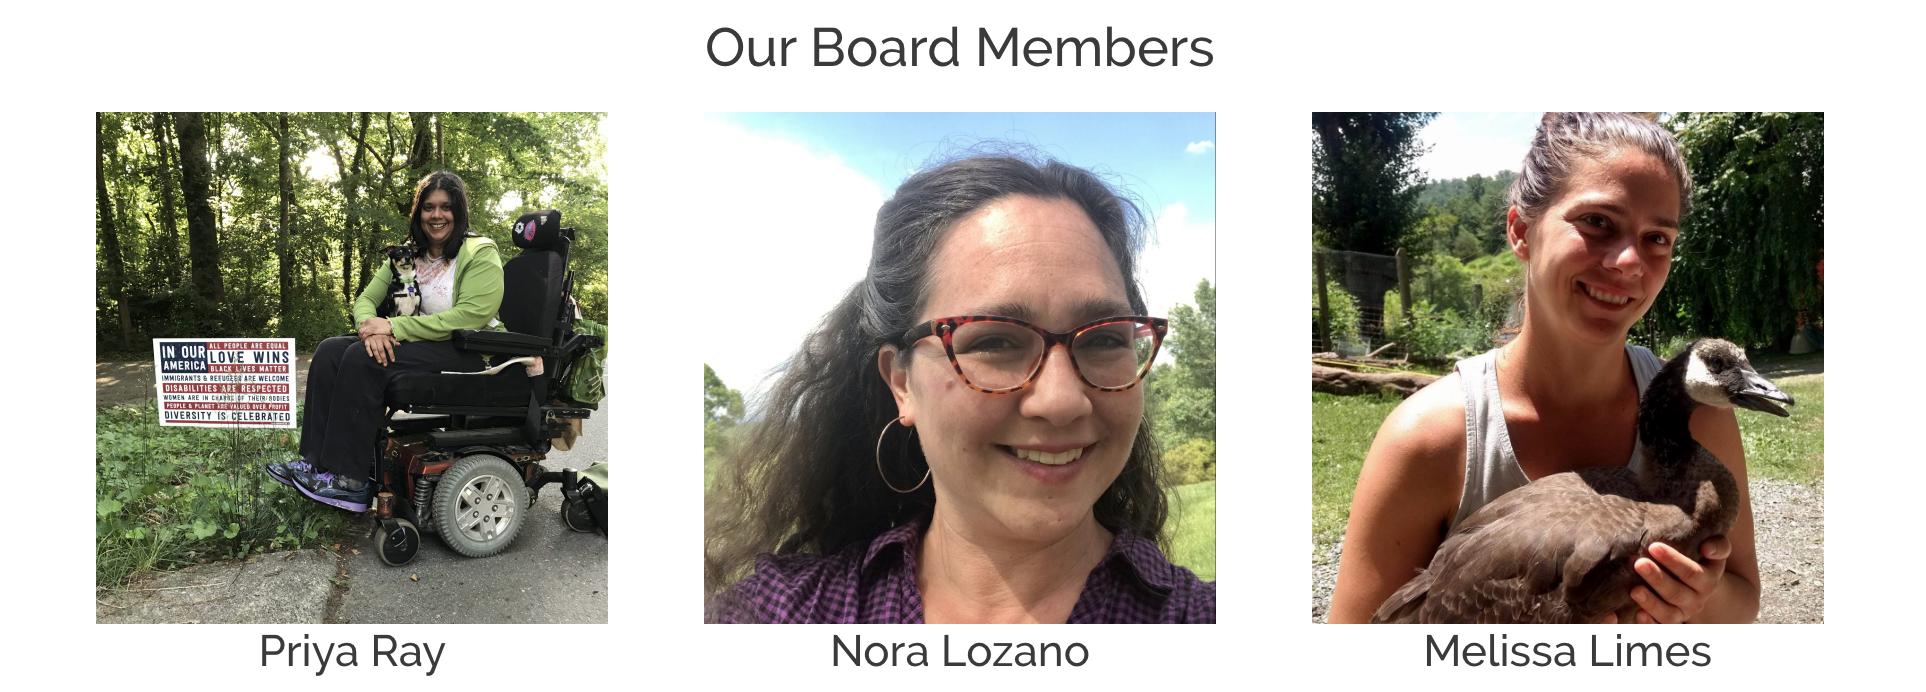 Board Members Priya Ray, Nora Lozano, and Melissa Limes